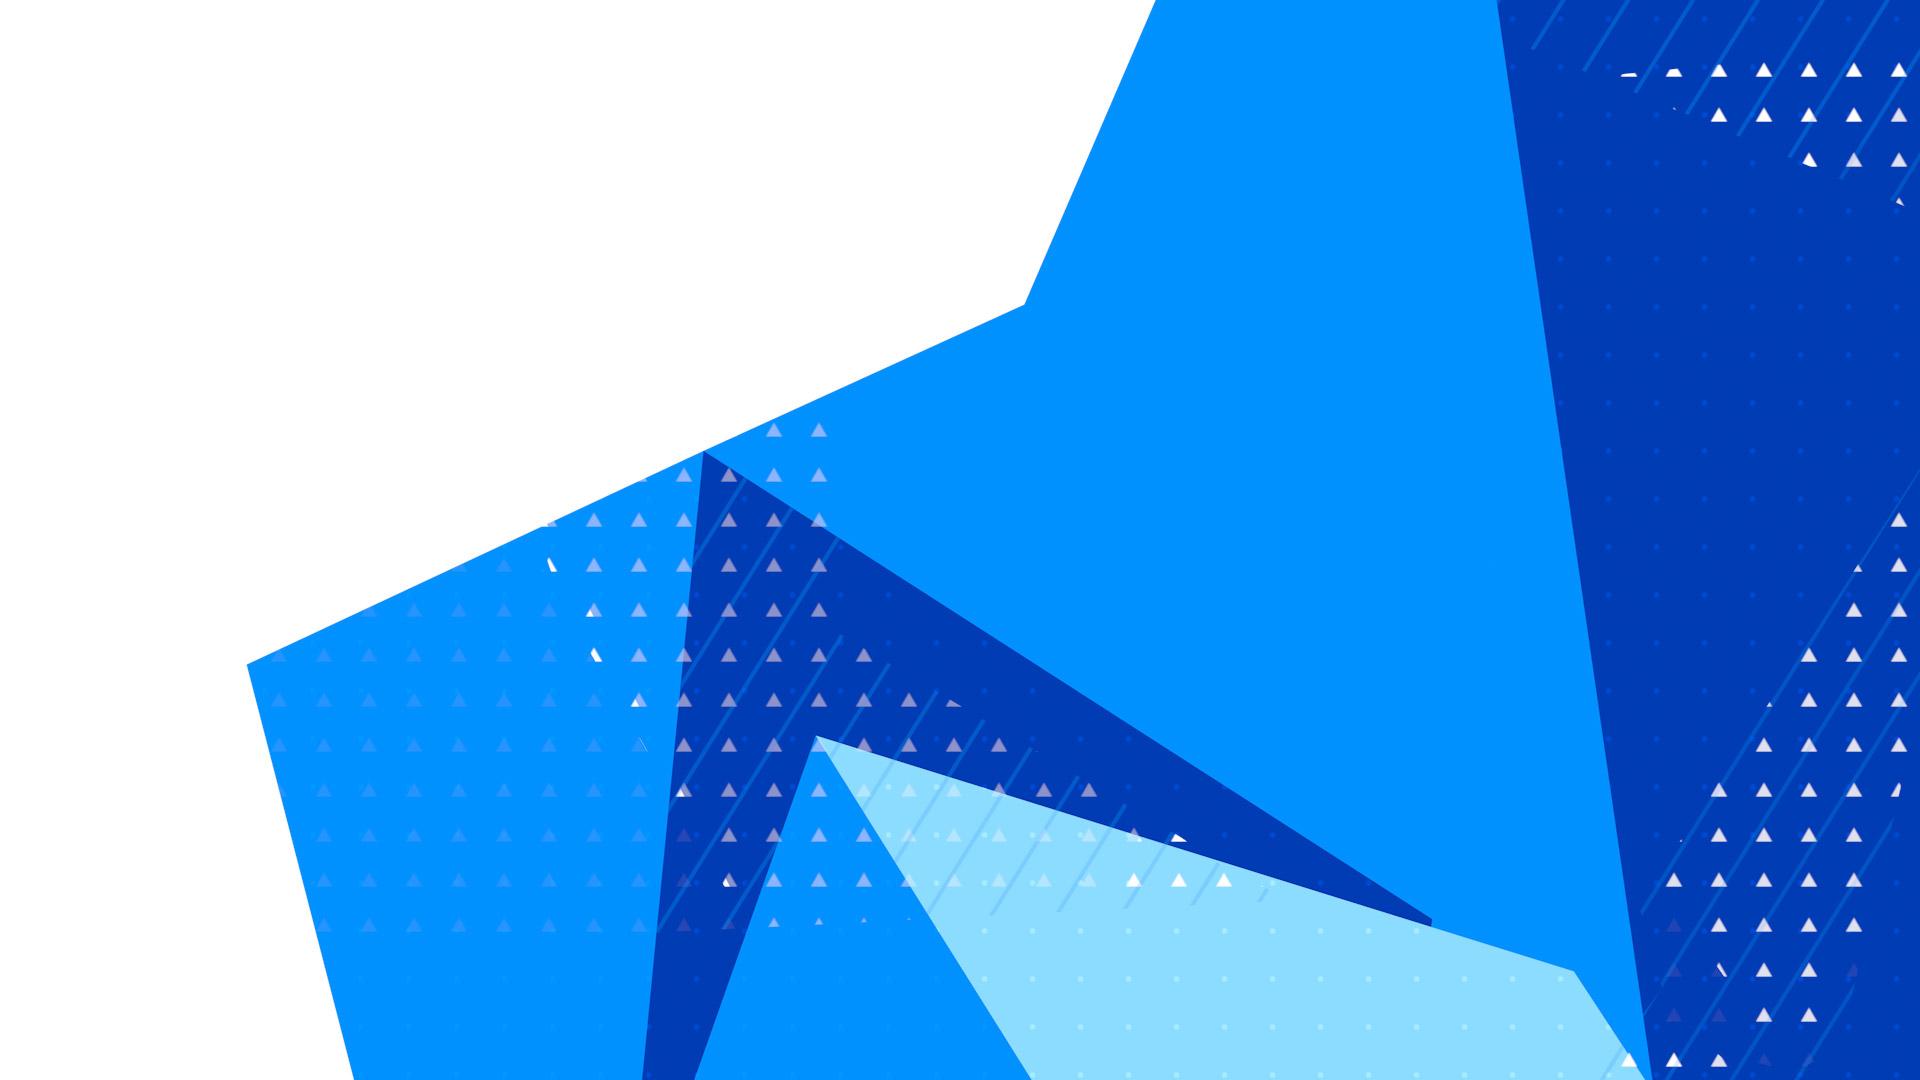 wipe_3_blue121